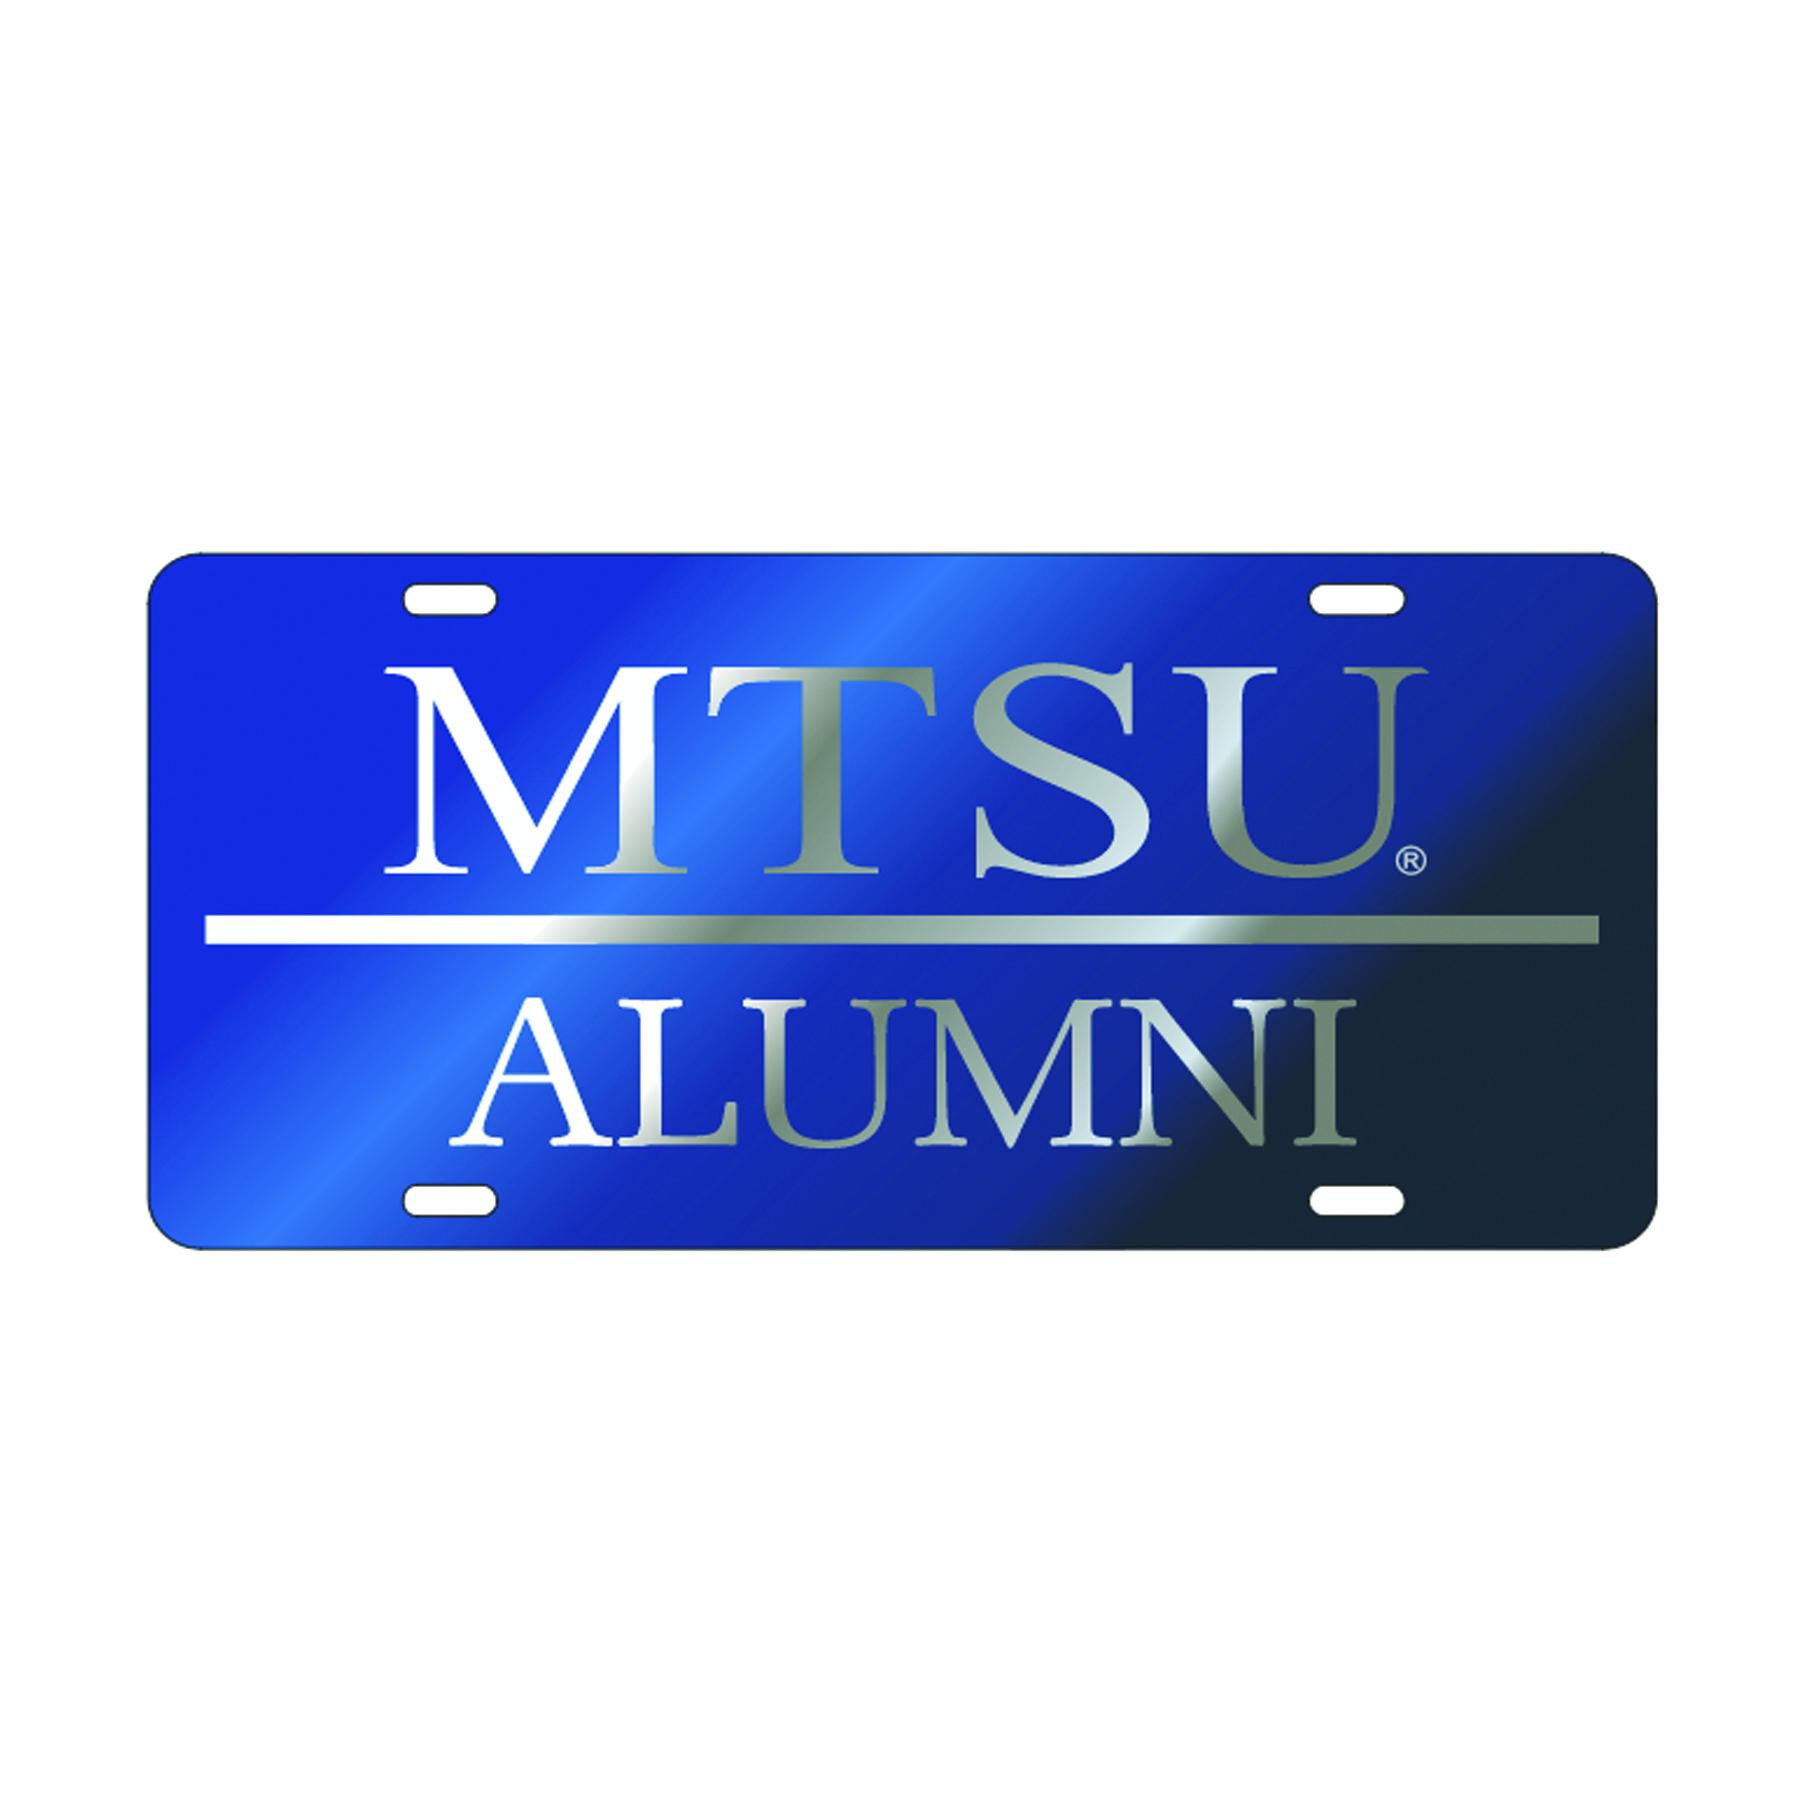 MTSU Alumni License Plate